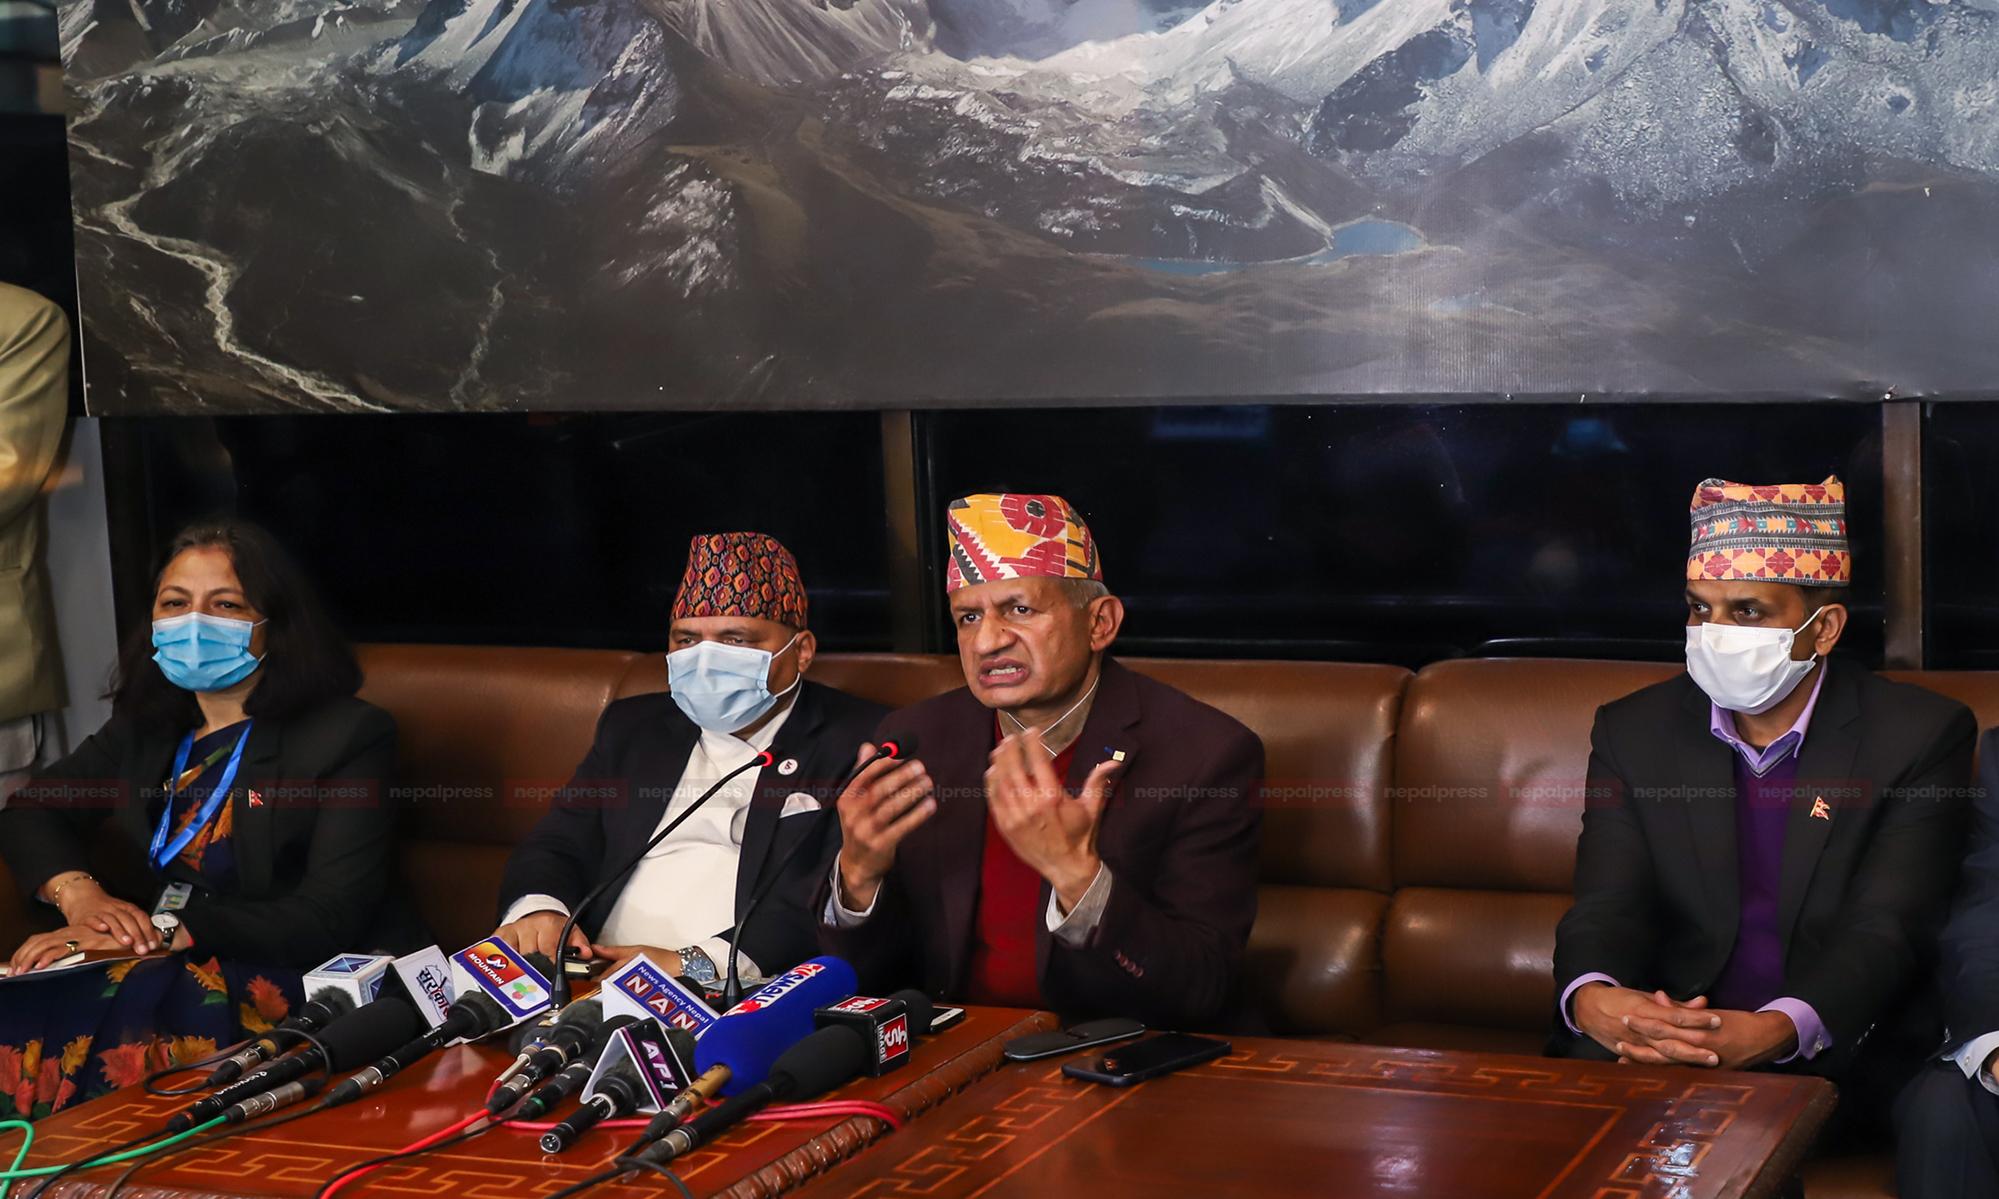 कोभिड भ्याक्सिन : भारतको उच्च प्राथमिकतामा नेपाल